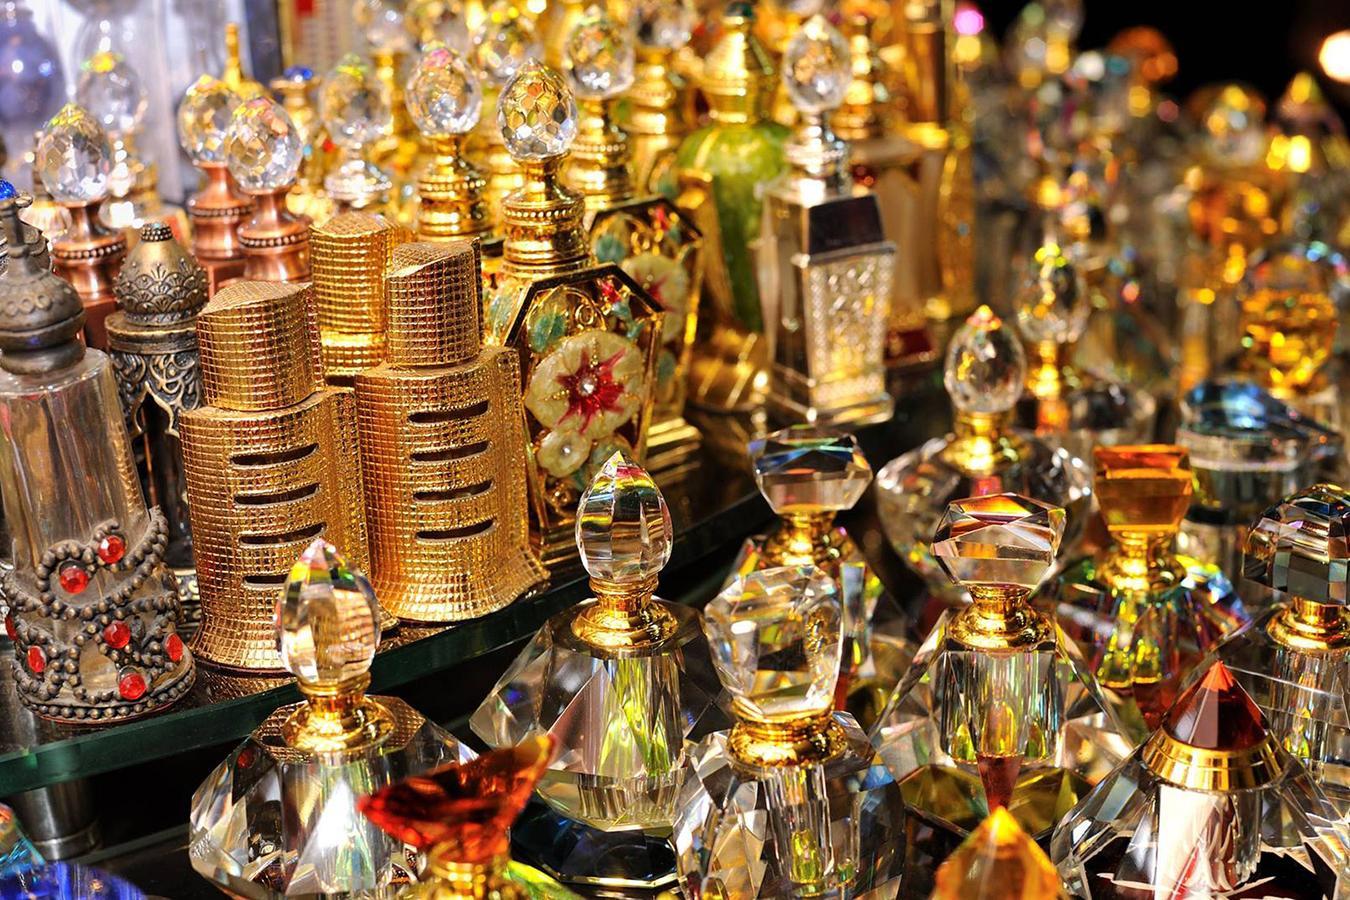 Lóa mắt trước khu chợ toàn bằng vàng ở UAE - Ảnh 10.